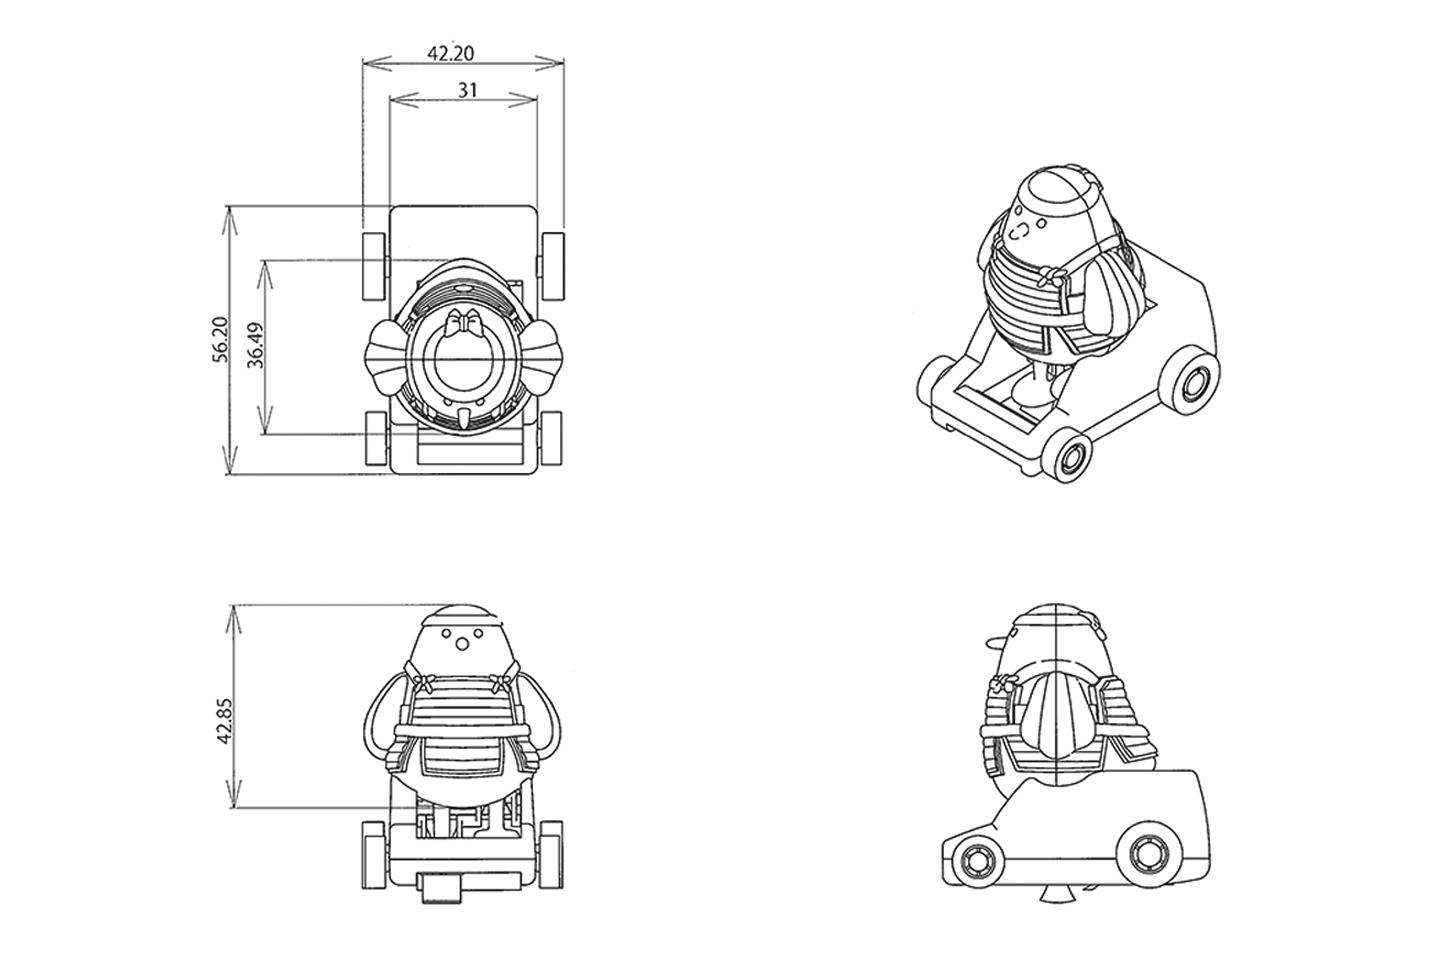 寸法が決まり、徐々に3Dに近づいていくデザイン